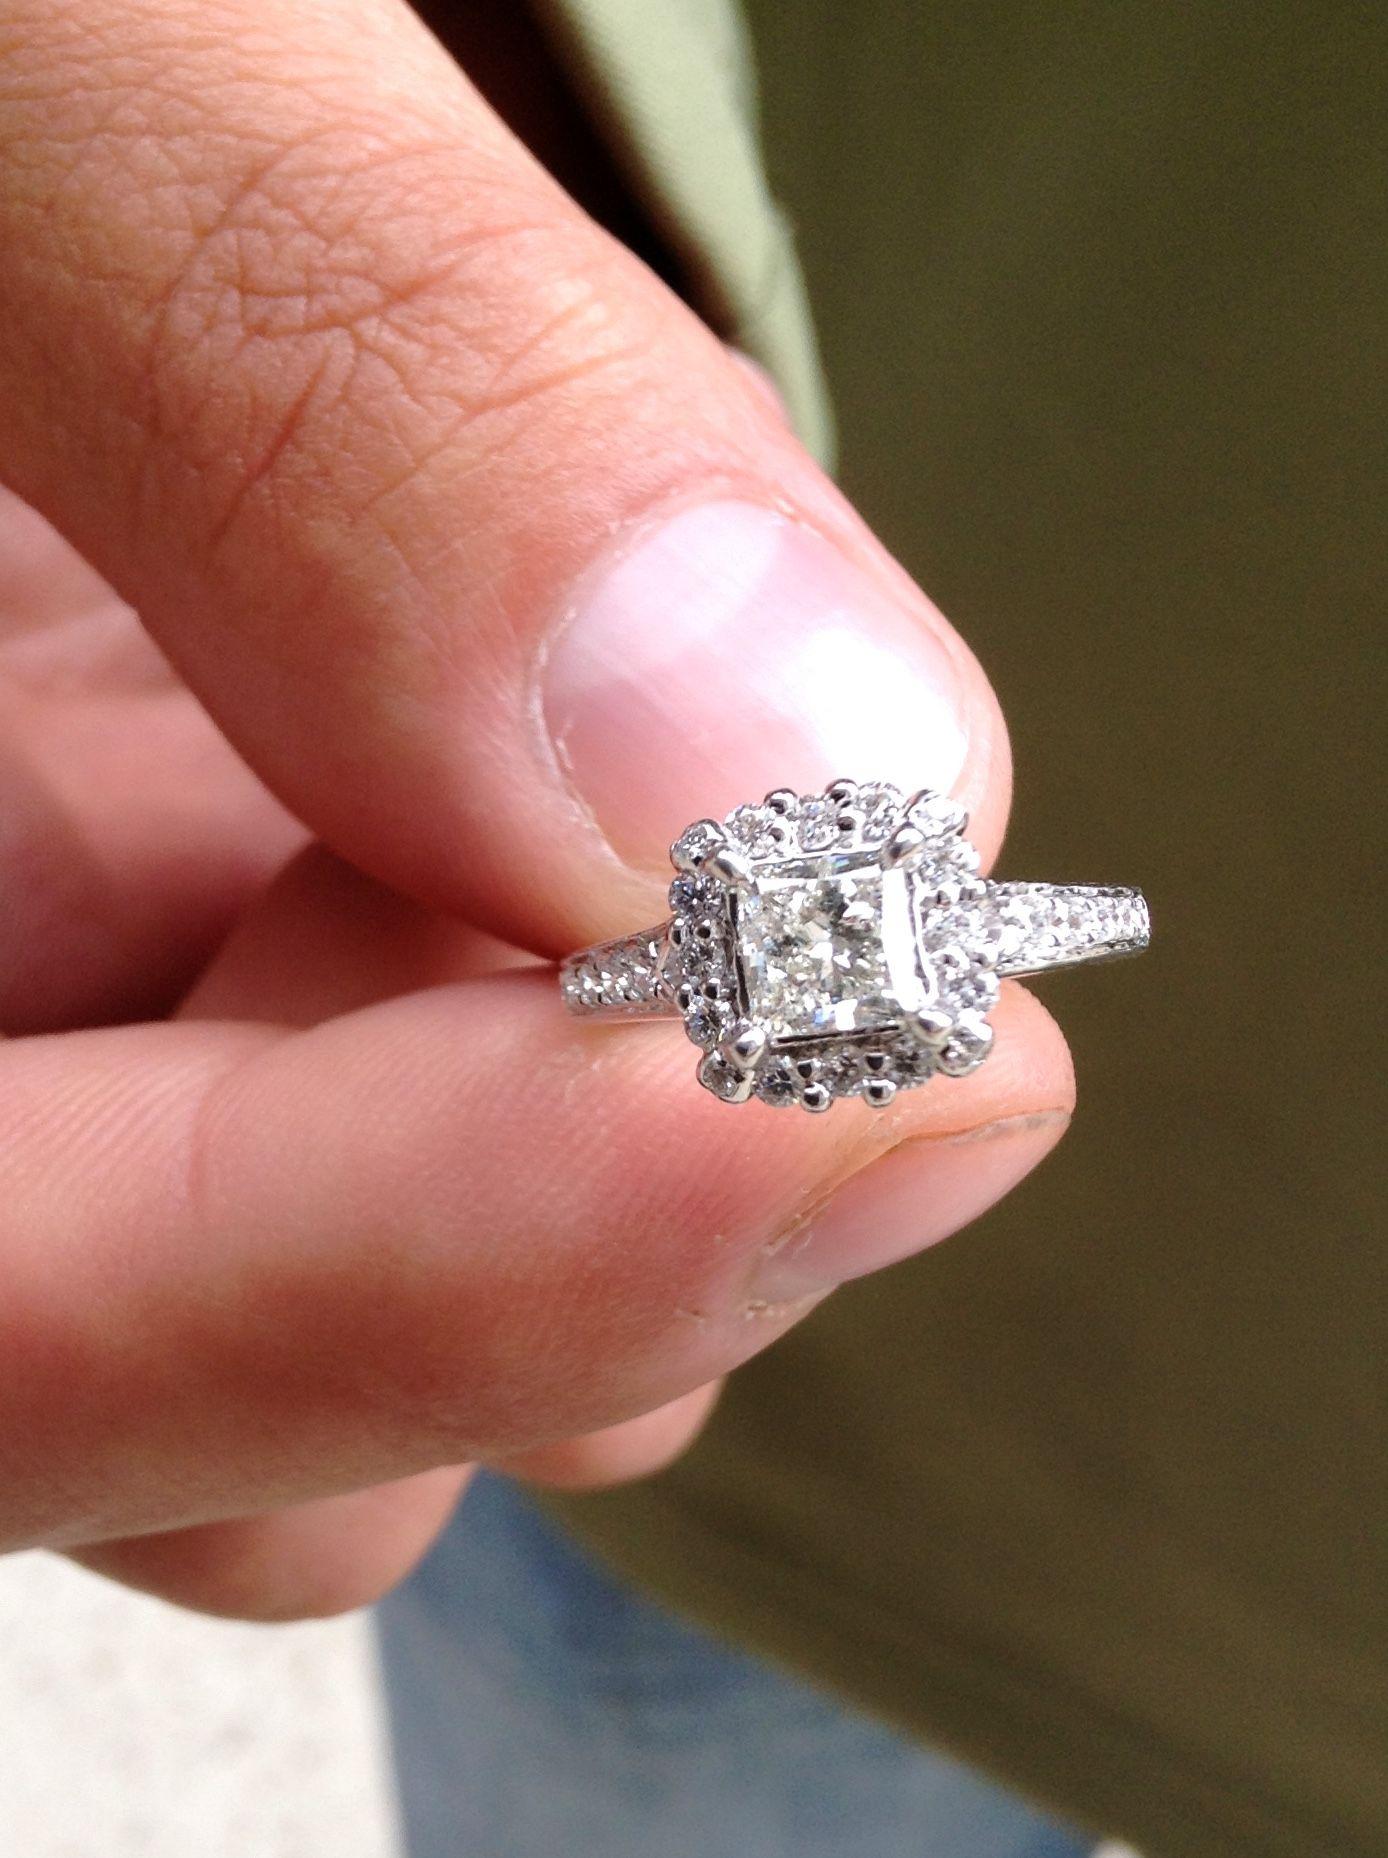 schumacher #schumacherdiamond #marriage #engagement #ring #love ...